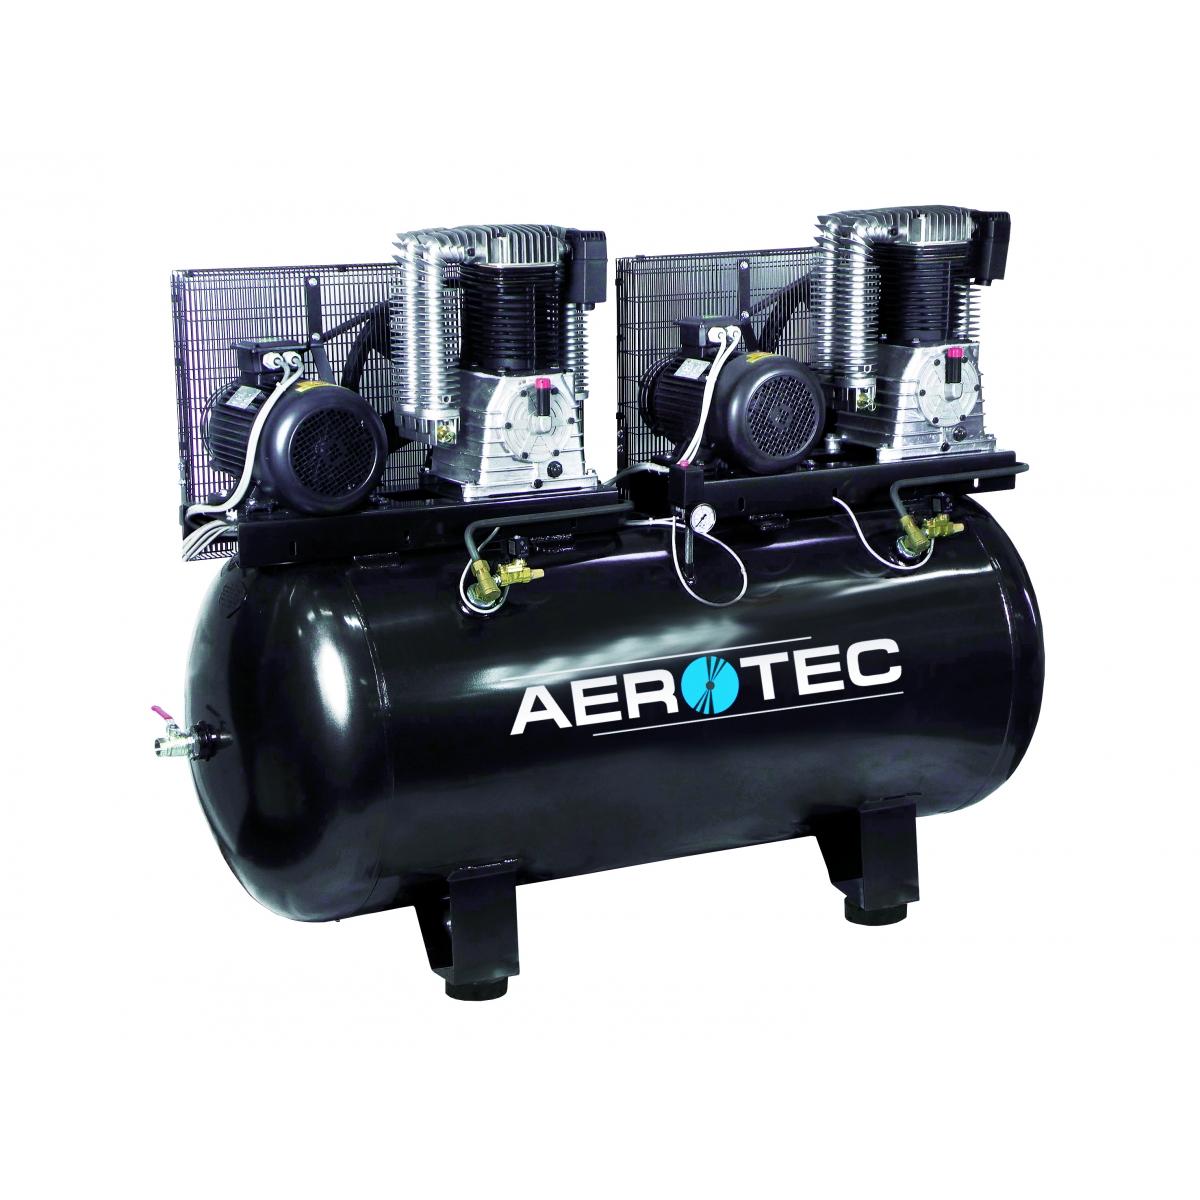 aerotec tandemkompressor kompressor tandem 500 l 4 kw. Black Bedroom Furniture Sets. Home Design Ideas